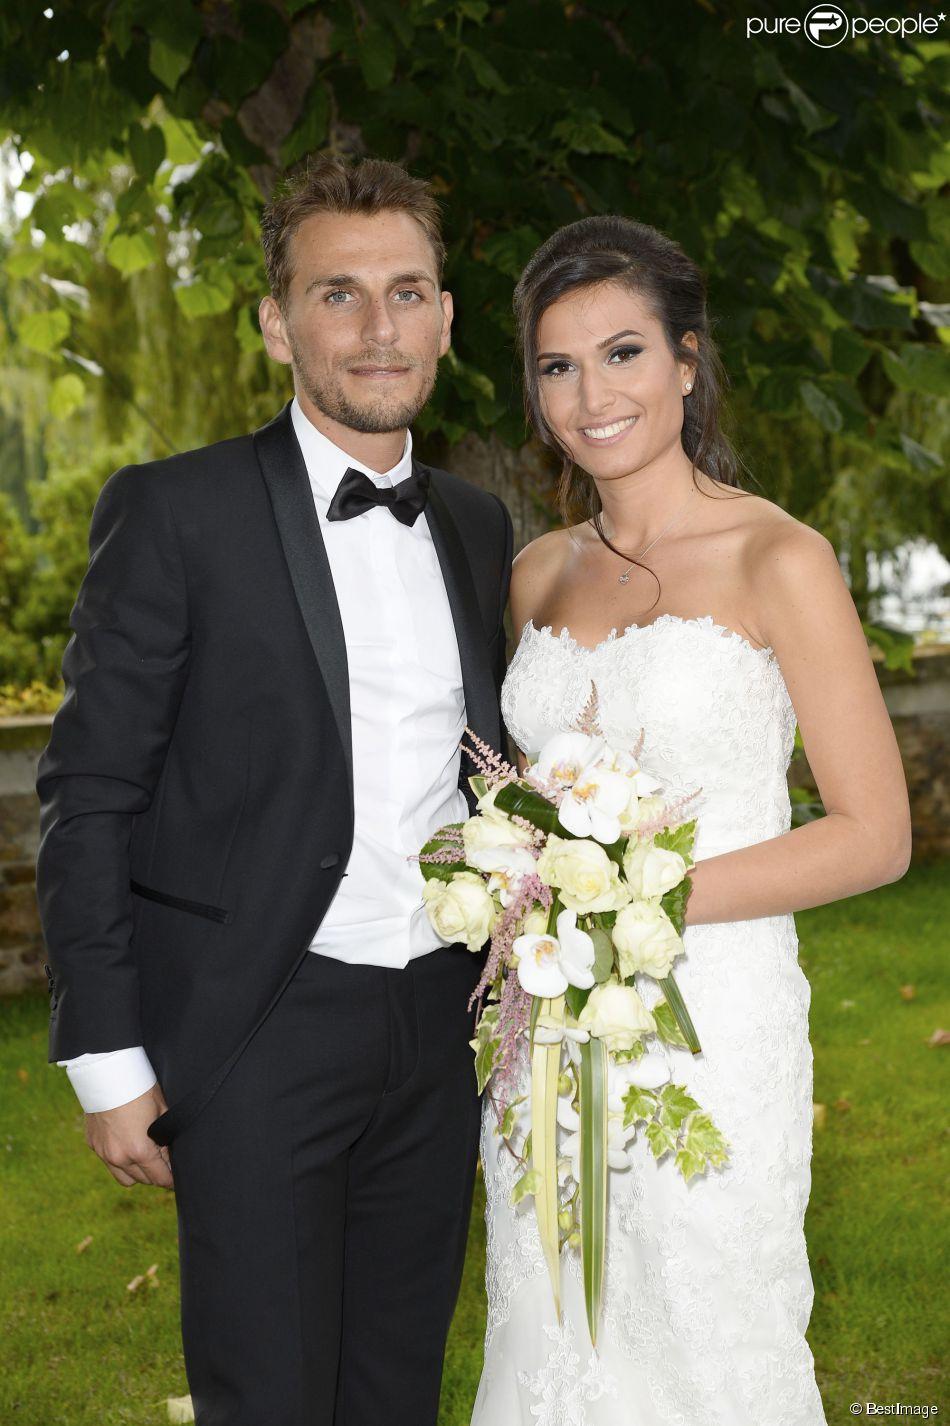 """Exclusif - Mariage de Audrey et Alexandre de """"Qui veut épouser mon fils saison 2"""" au Manoir des Cygnes à Le Coudray-Montceaux, le 6 juillet 2014."""